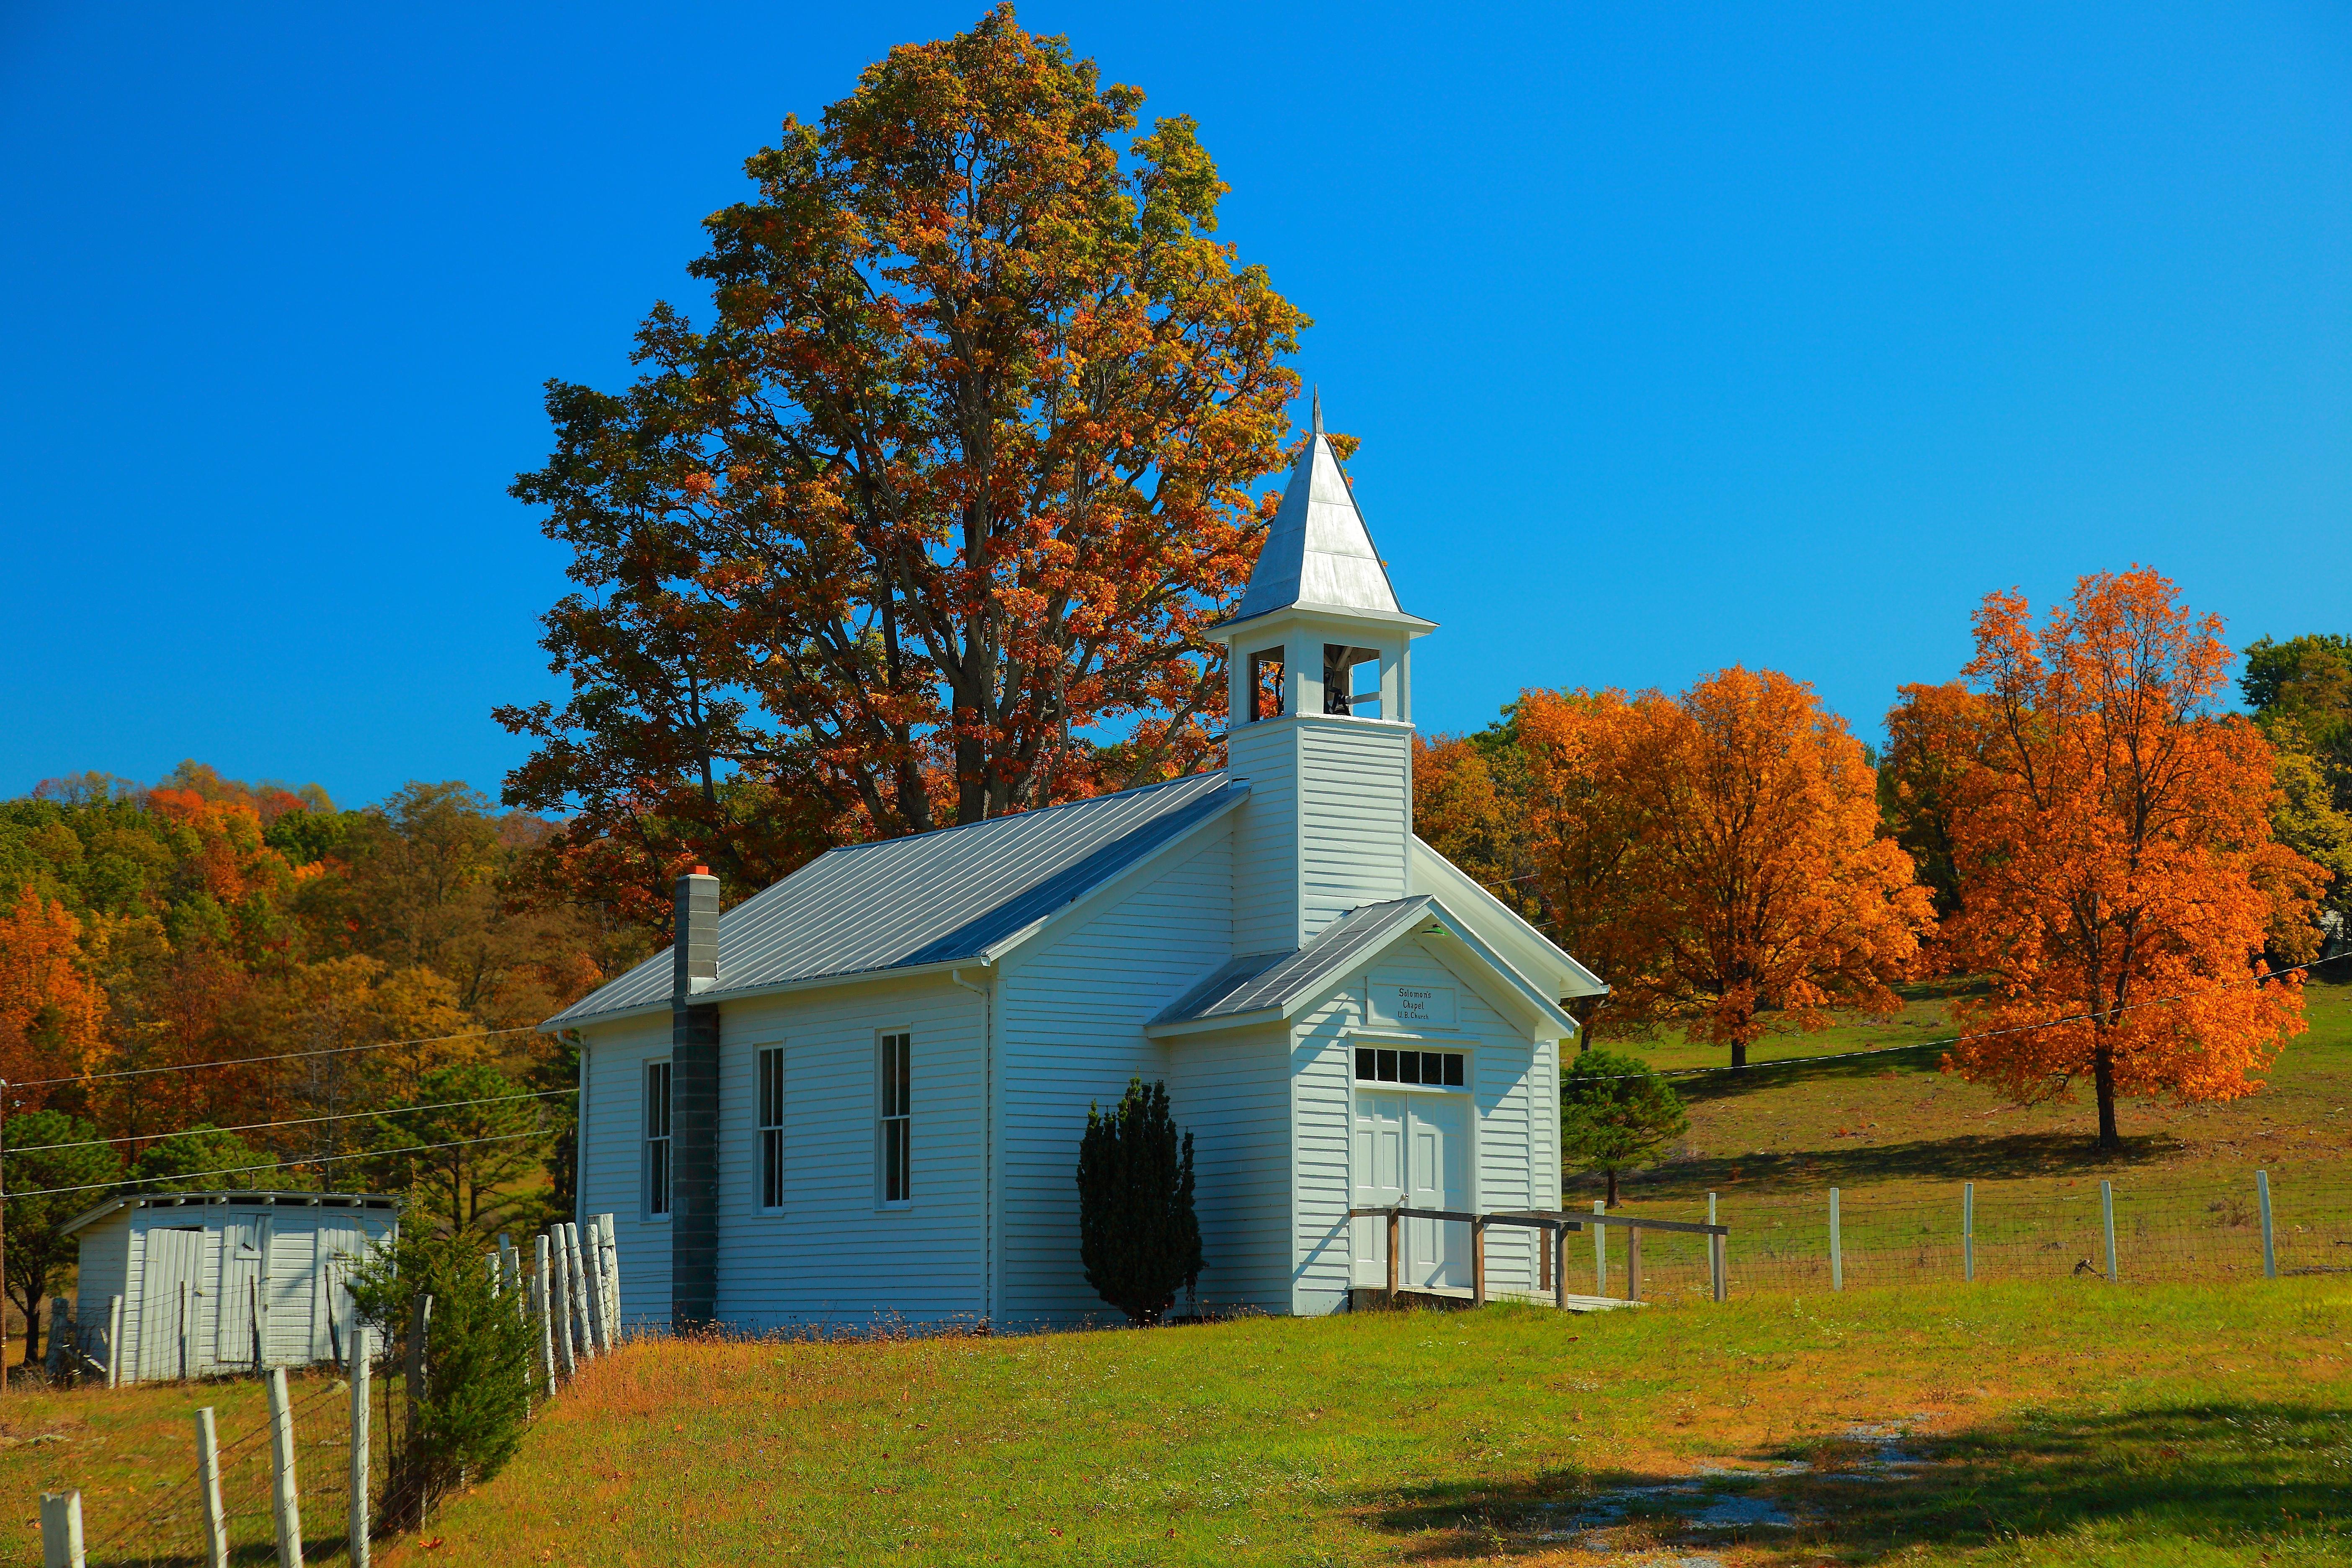 Autumn Pretty Country Church